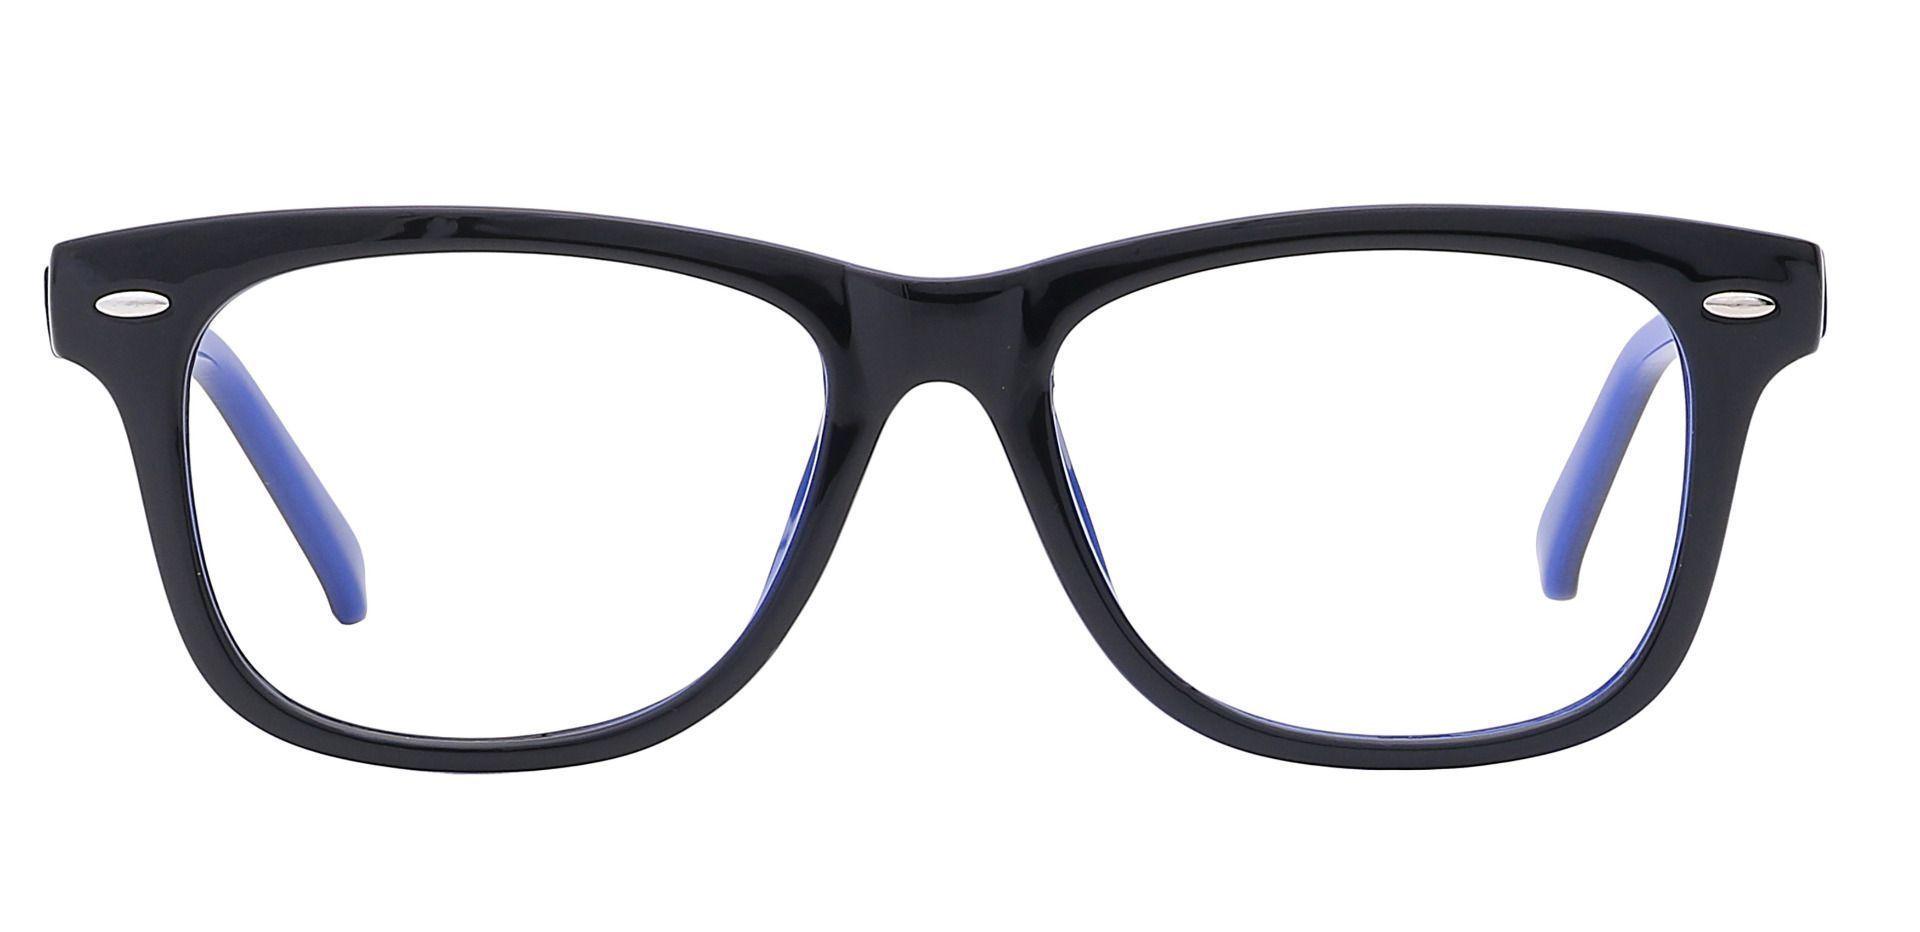 Dexter Oval Prescription Glasses - Blue